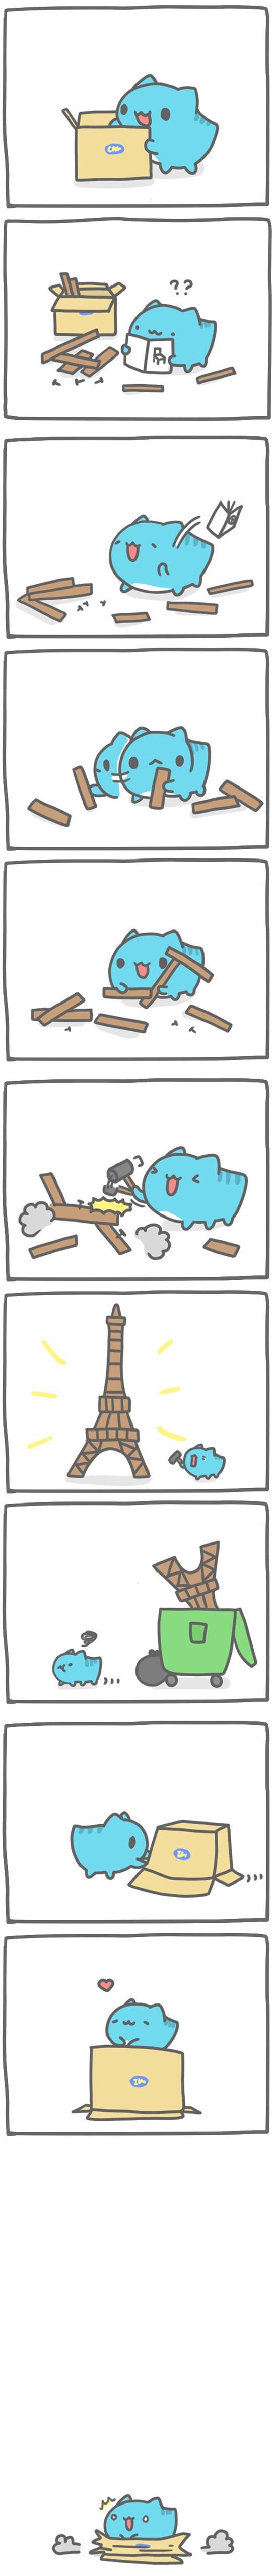 Truyện Mìn Lèo #117: Thiên tài xây dựng